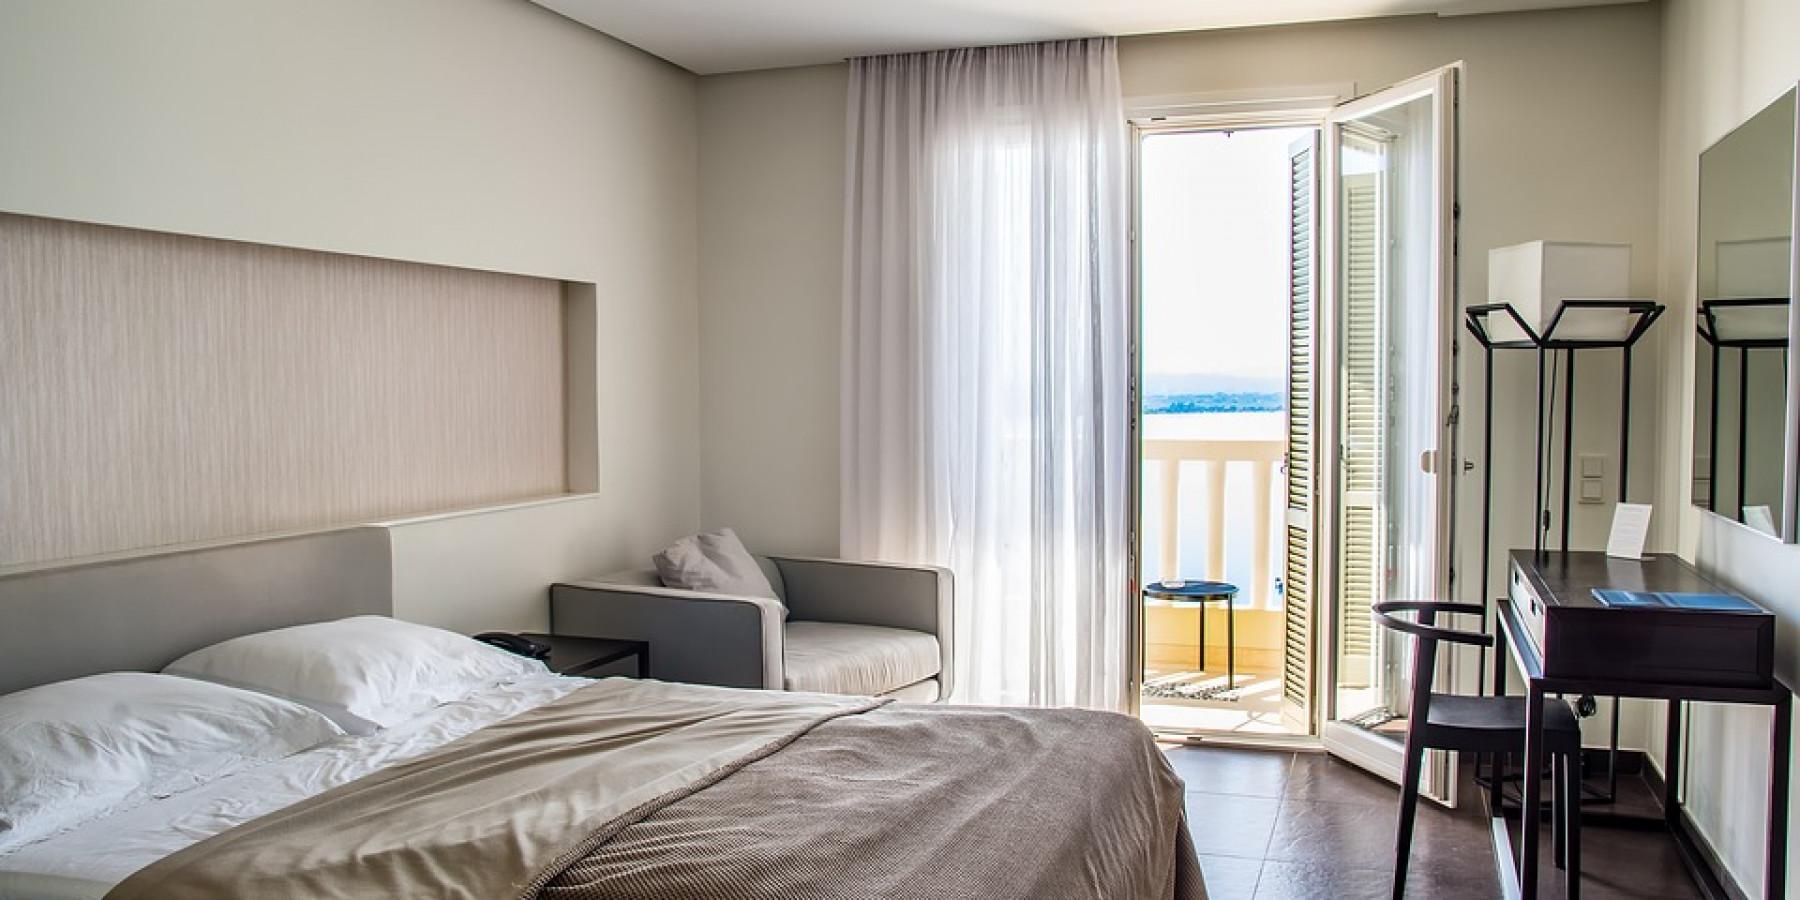 Hotel und Ferienwohnung – so übernachten Urlauber während Corona